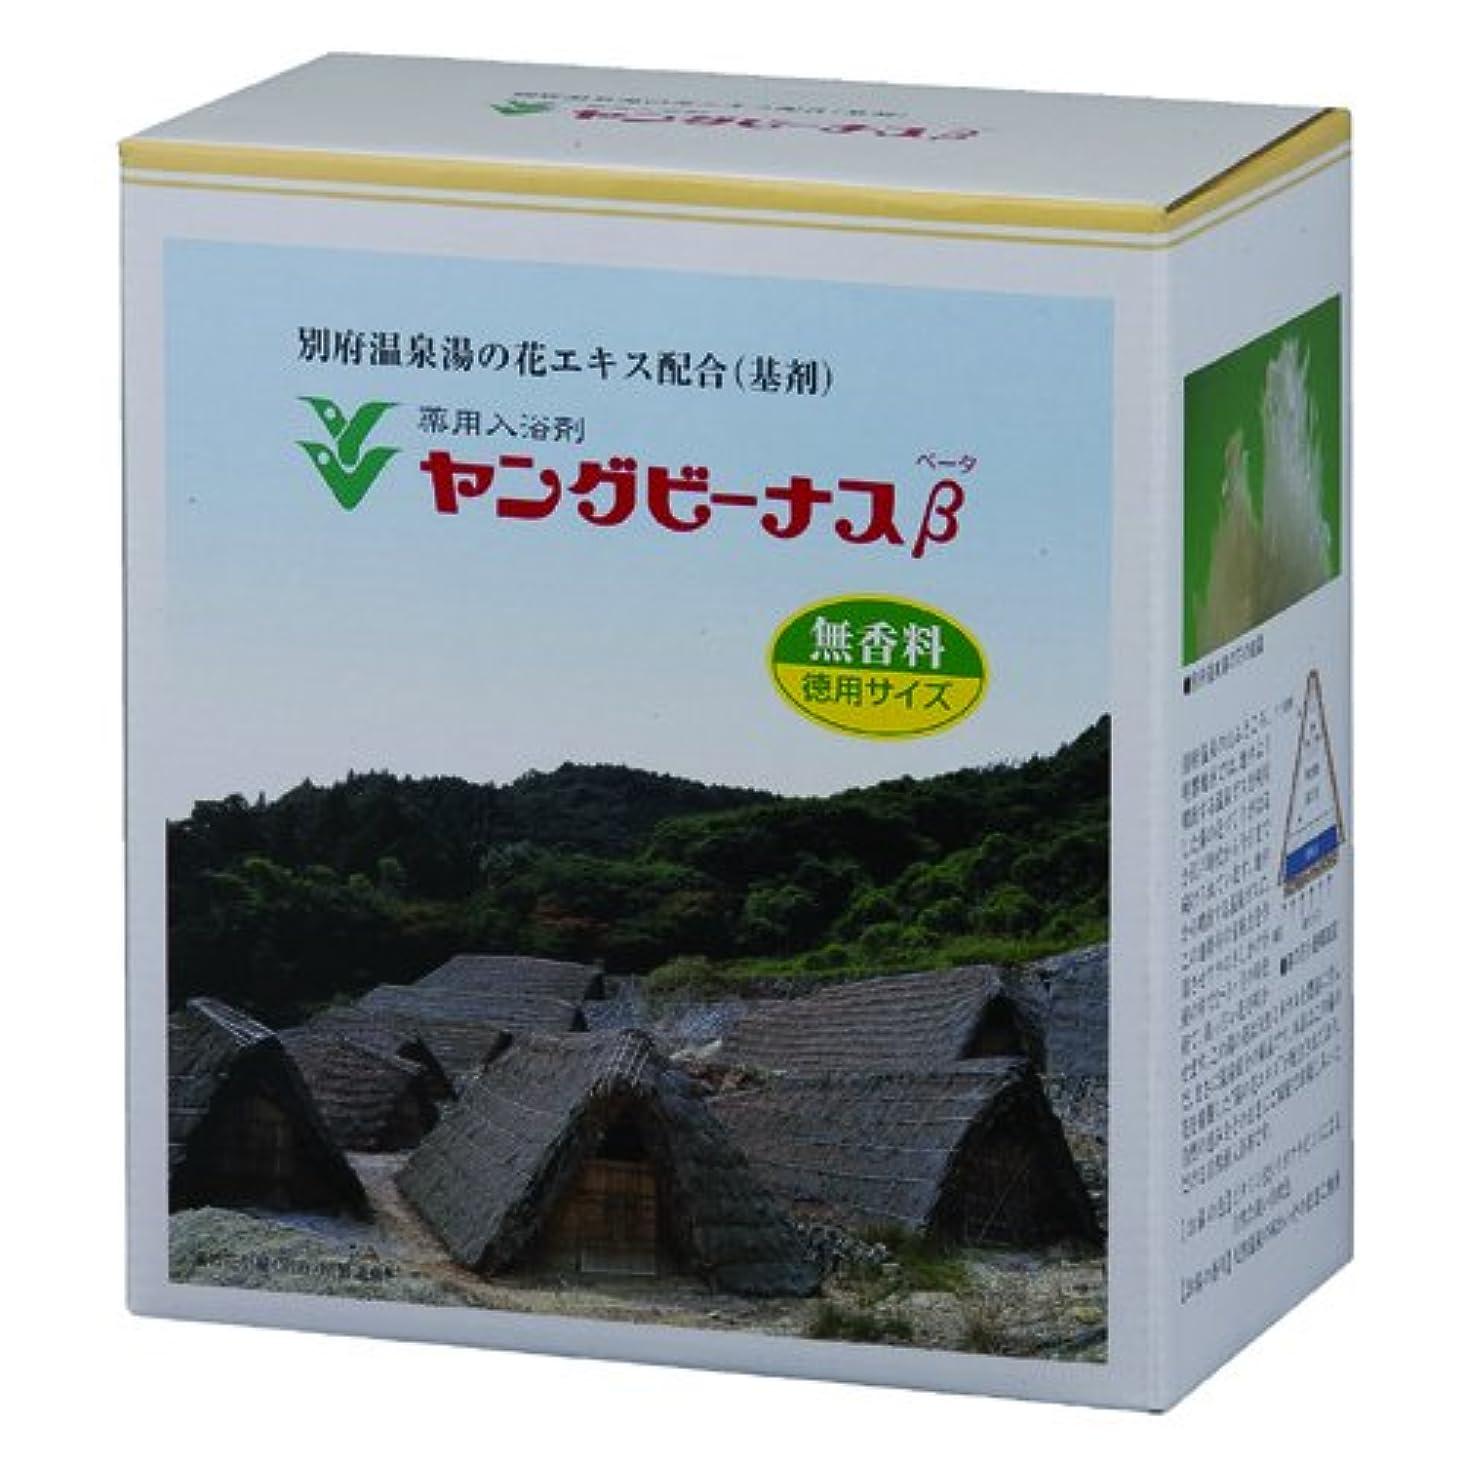 インタビューランチョンわかる薬用入浴剤 ヤングビーナスβ 徳用サイズCX-30β